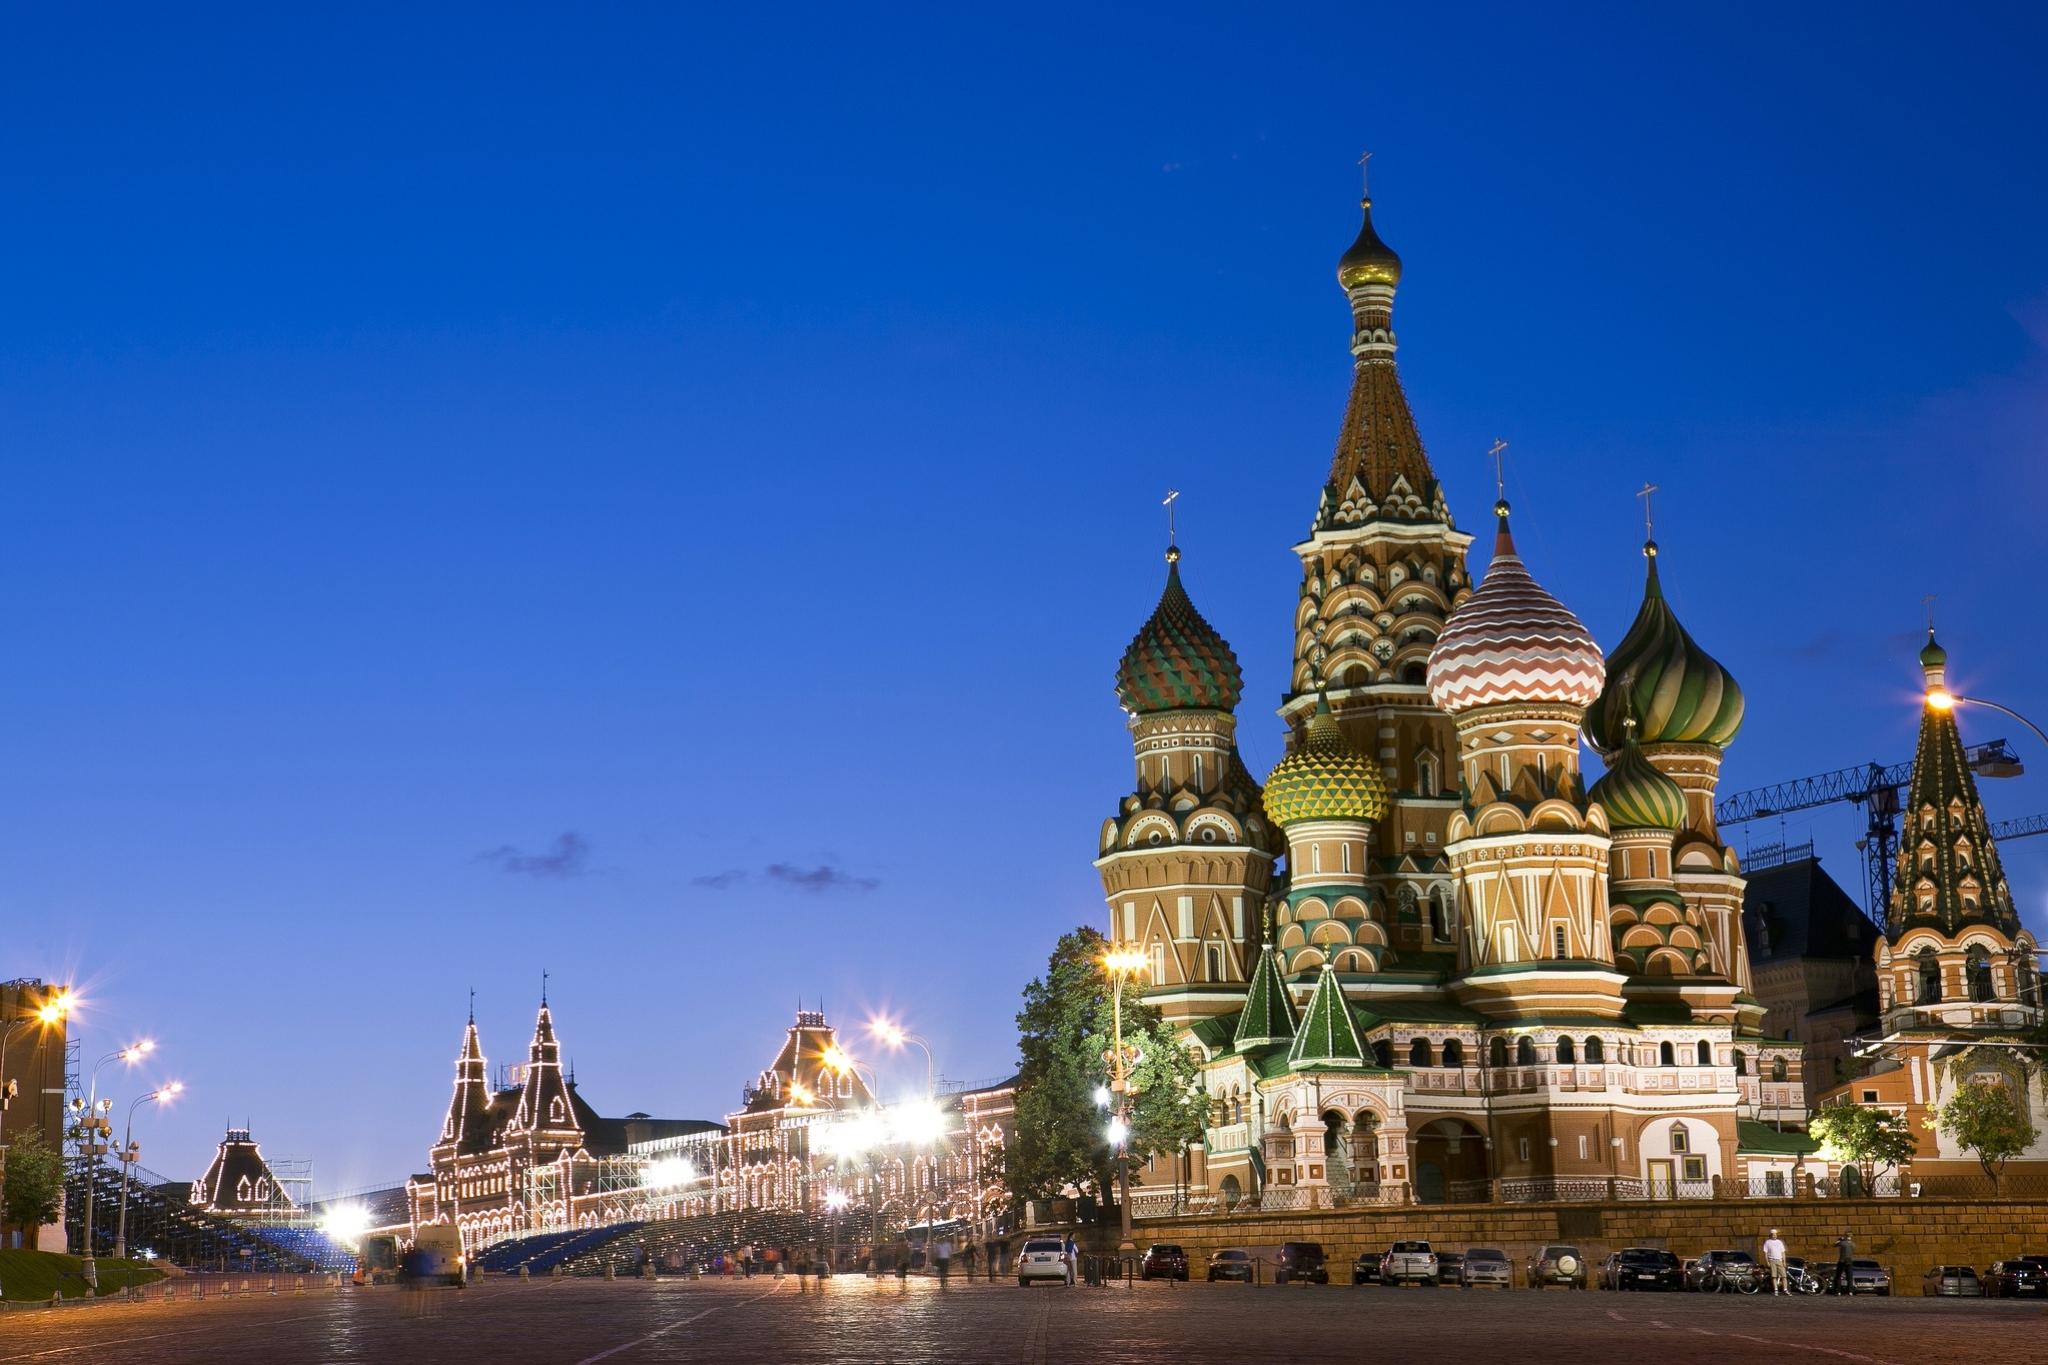 картинки россия москва пользуюсь, очень многим